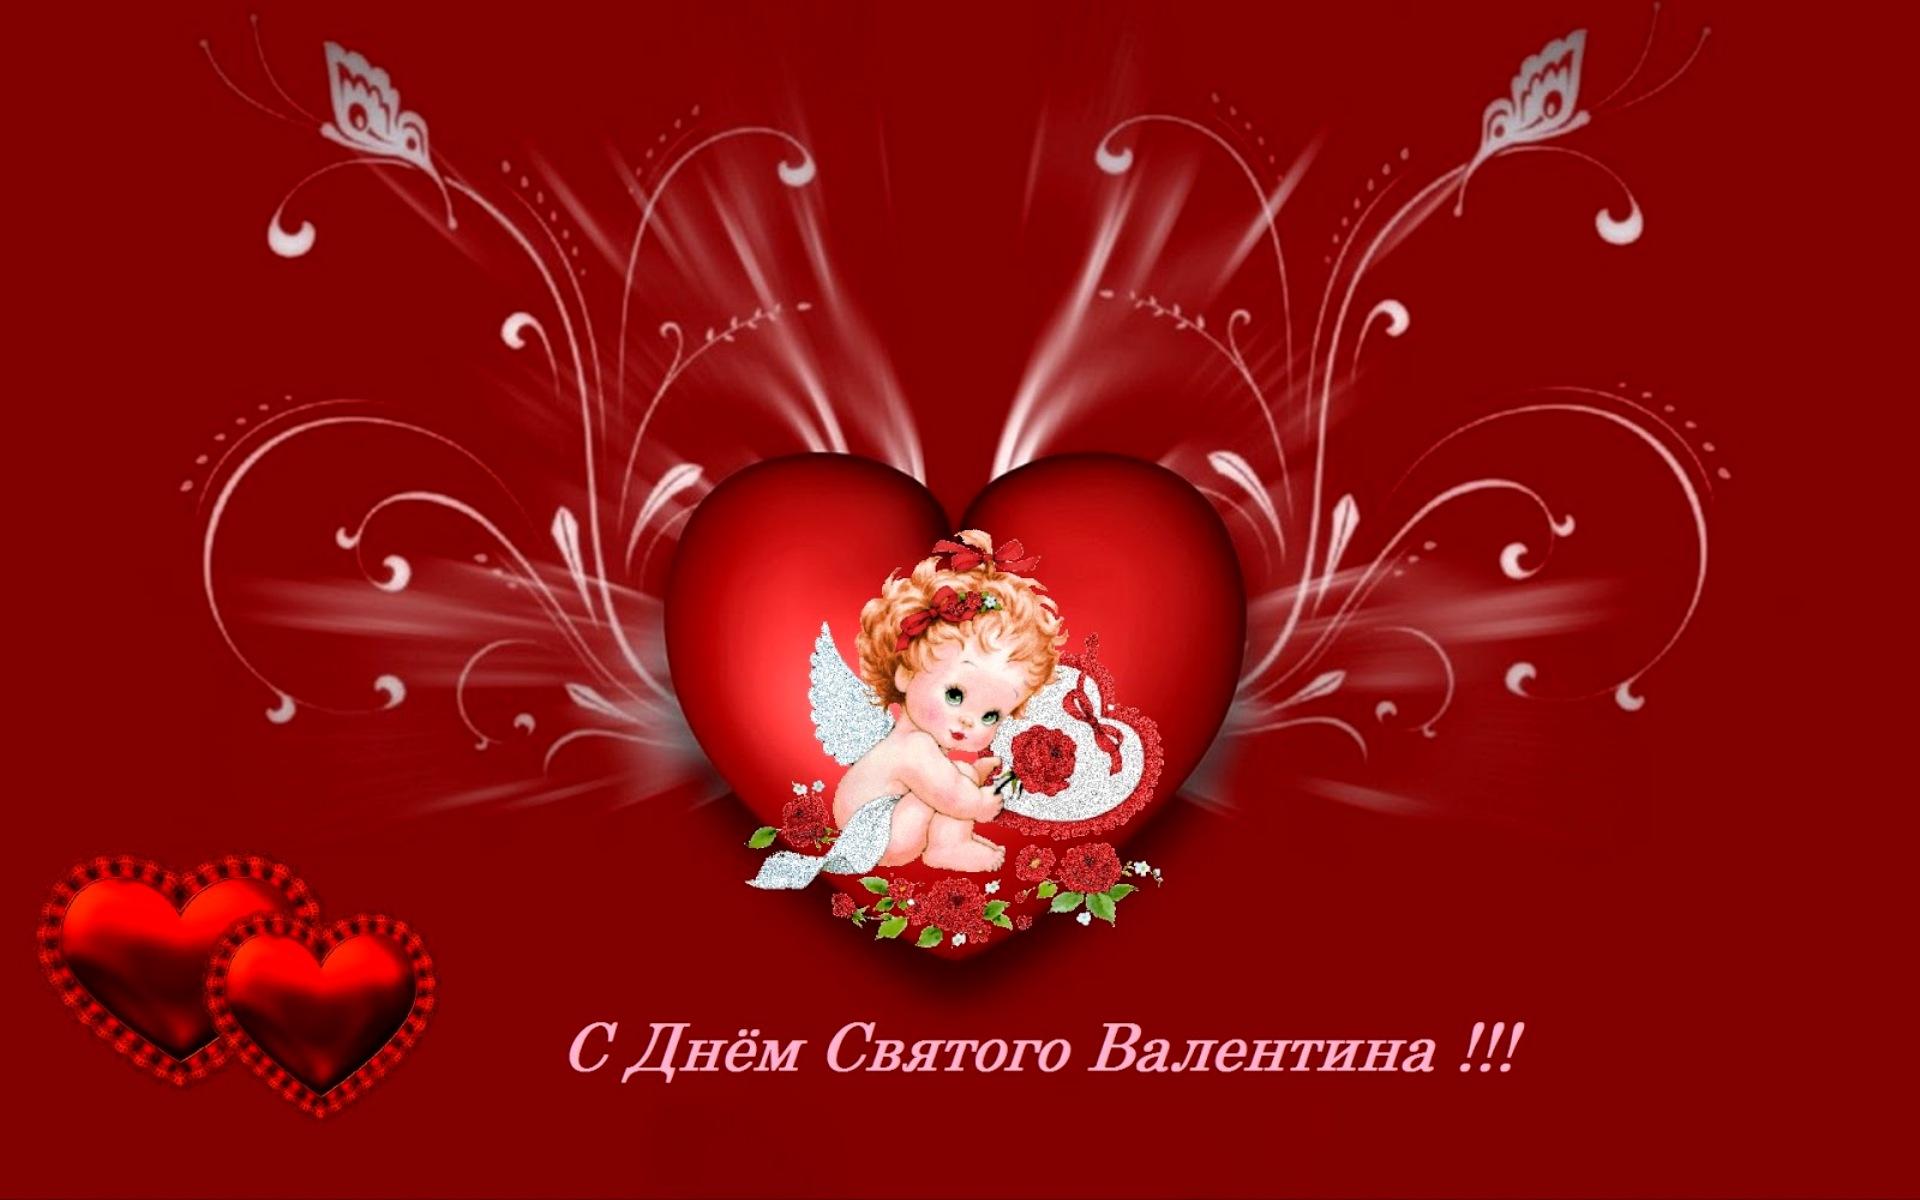 Поздравления с Днем святого Валентина (14 февраля) сборник 64